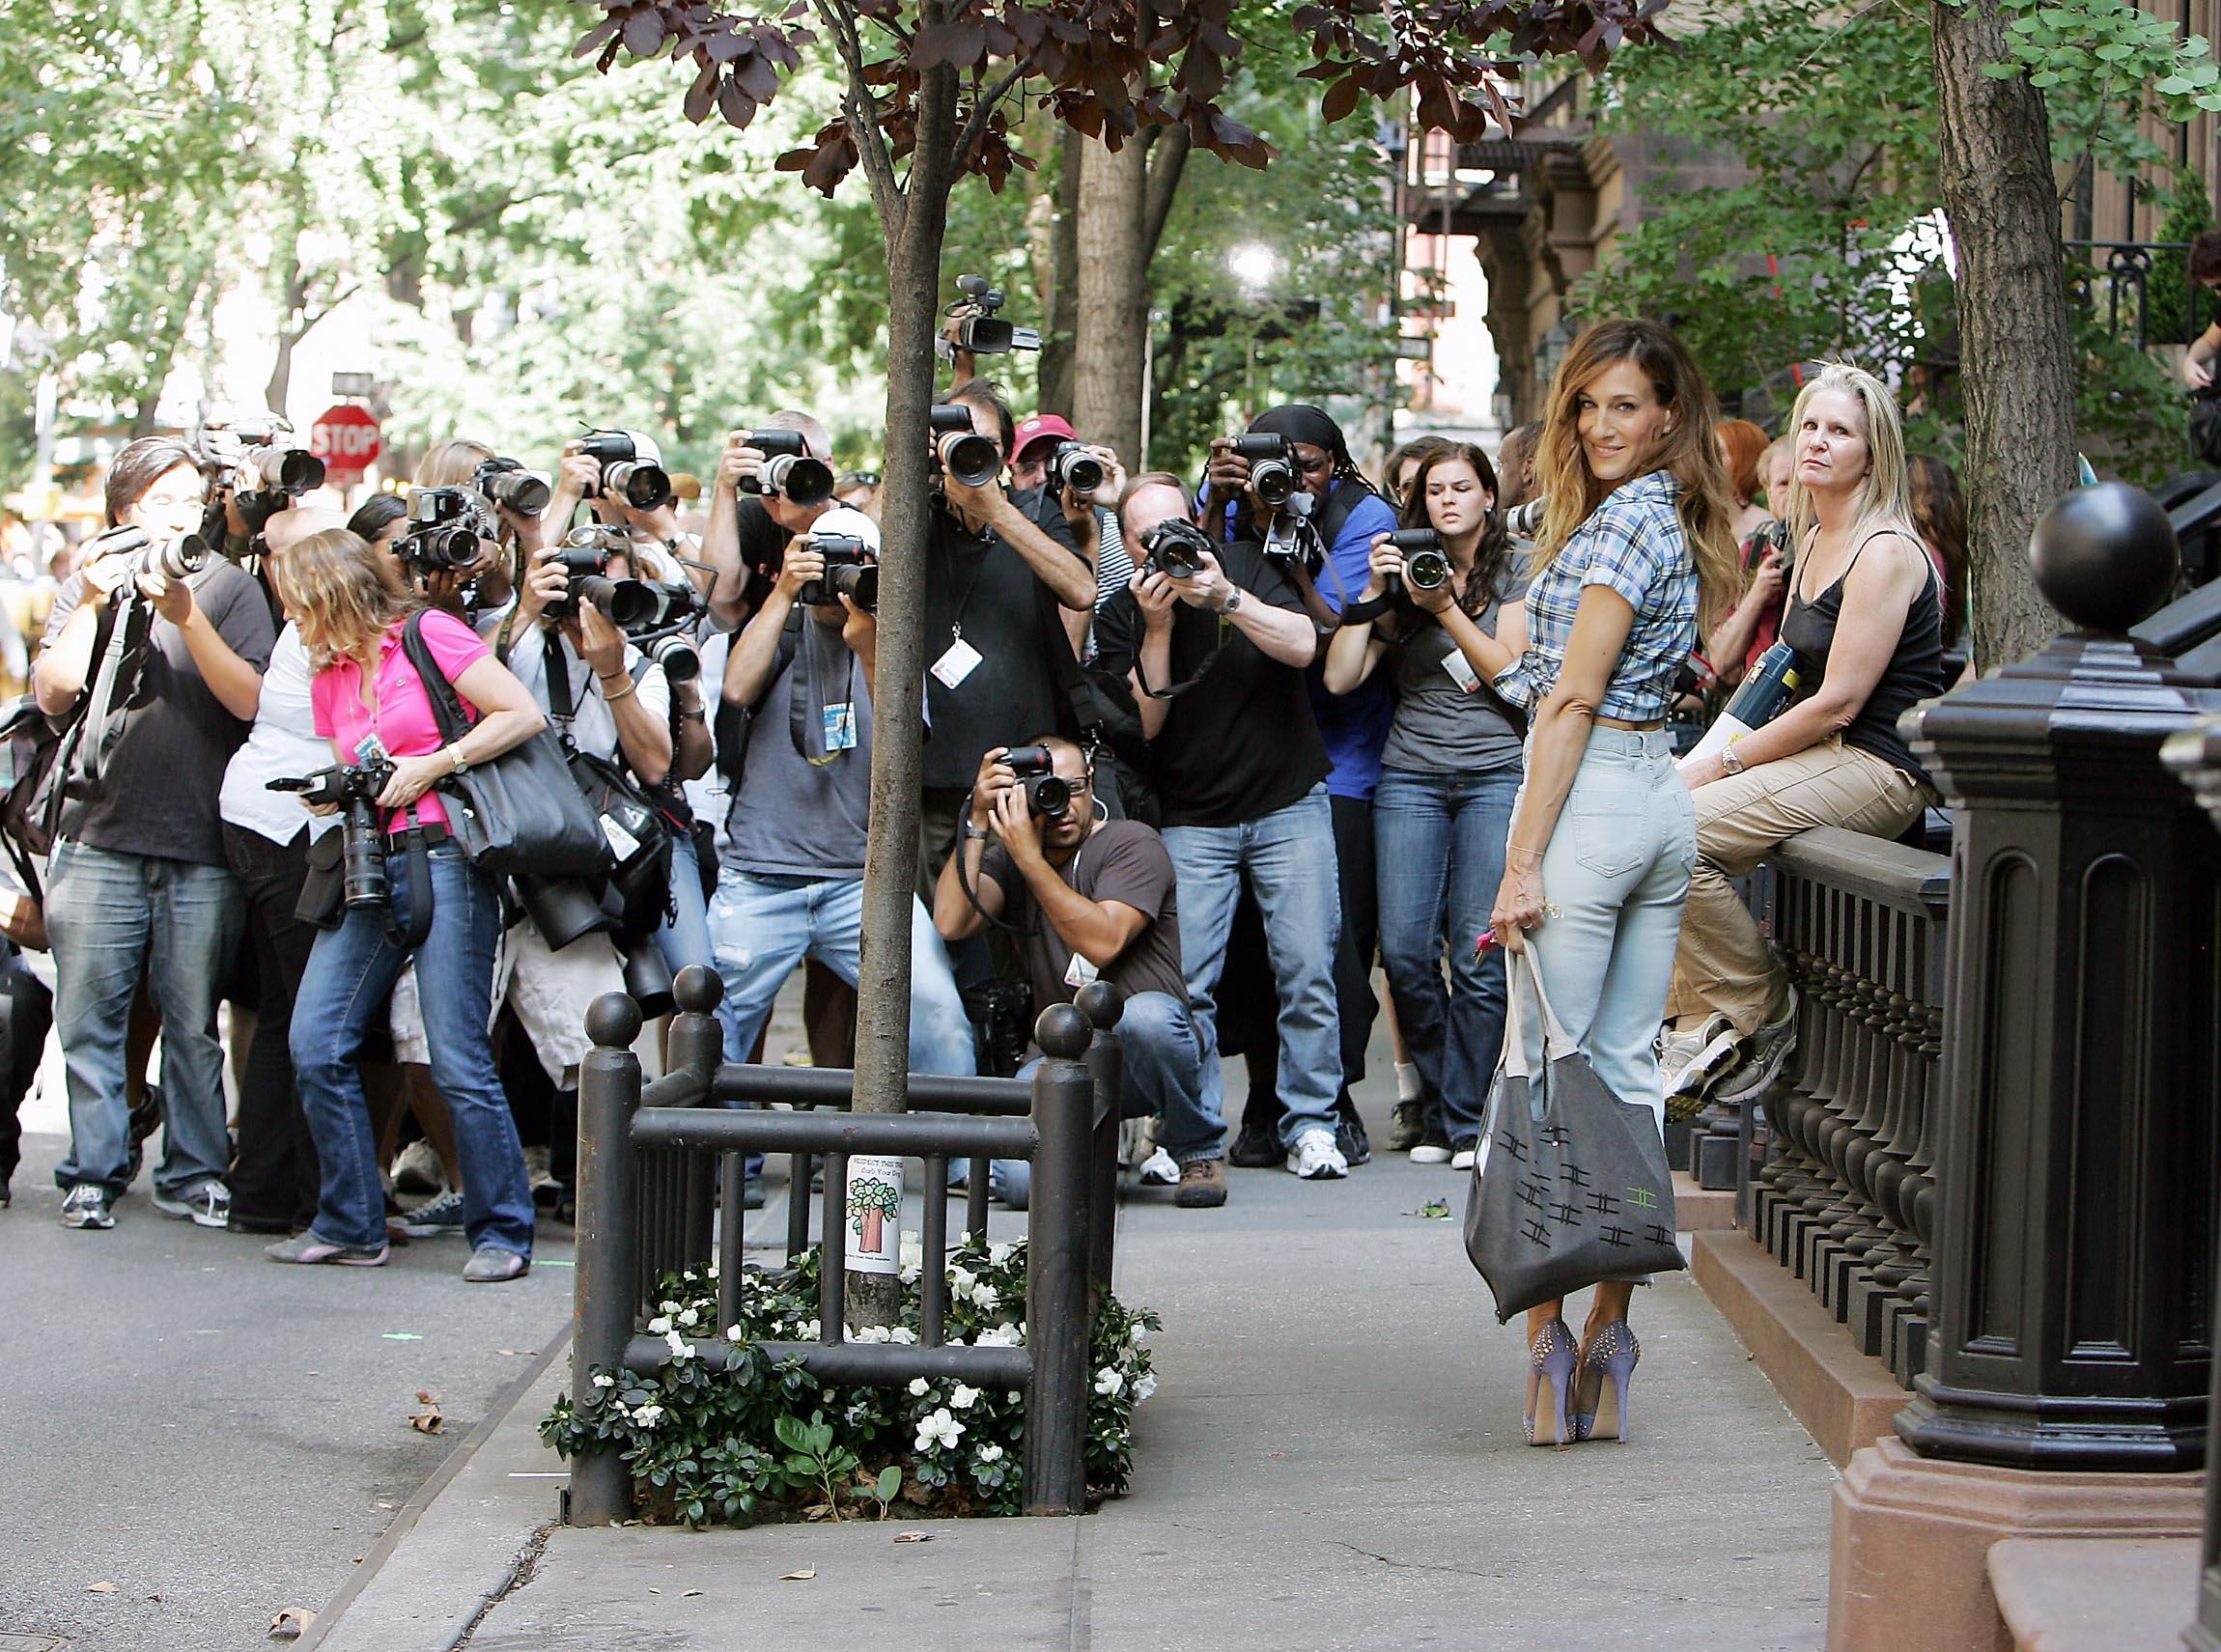 《欲望都市》剧中拍摄的64 Perry Street的Townhouse在2012年以$985万美金的成交价卖给了一位匿名的买家。